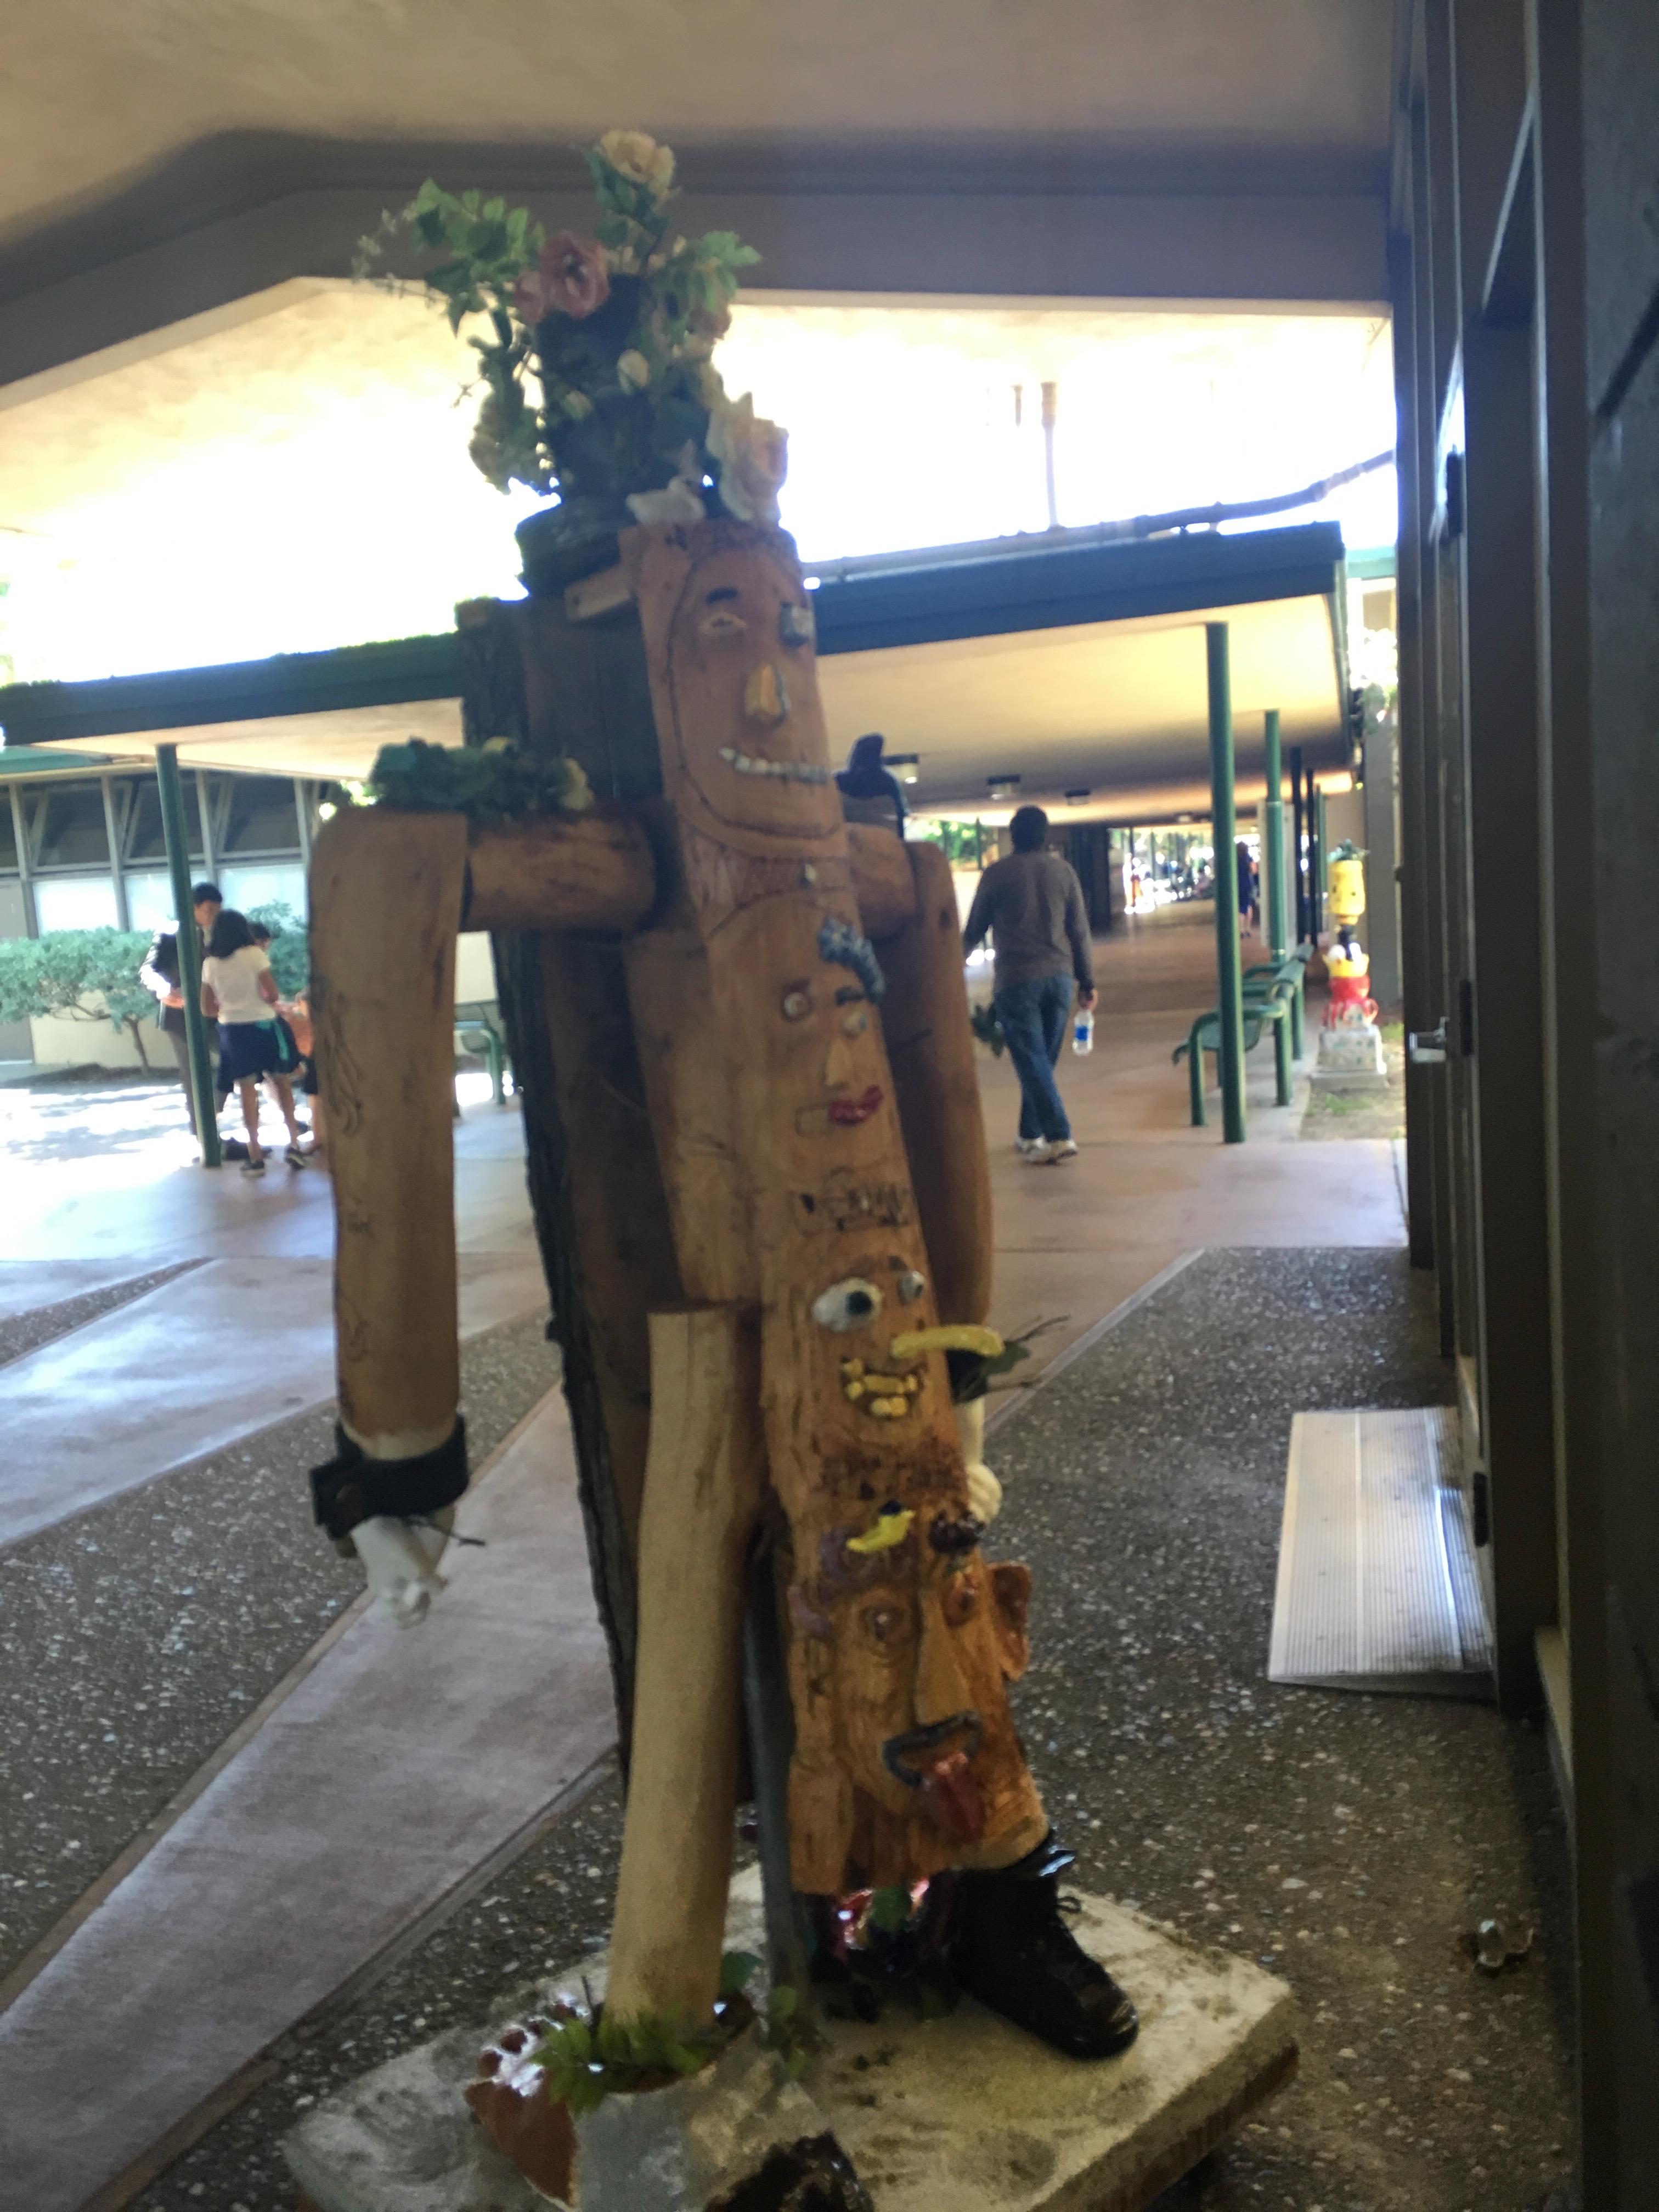 totem pole 1 @ Harker School, San Jose, CA